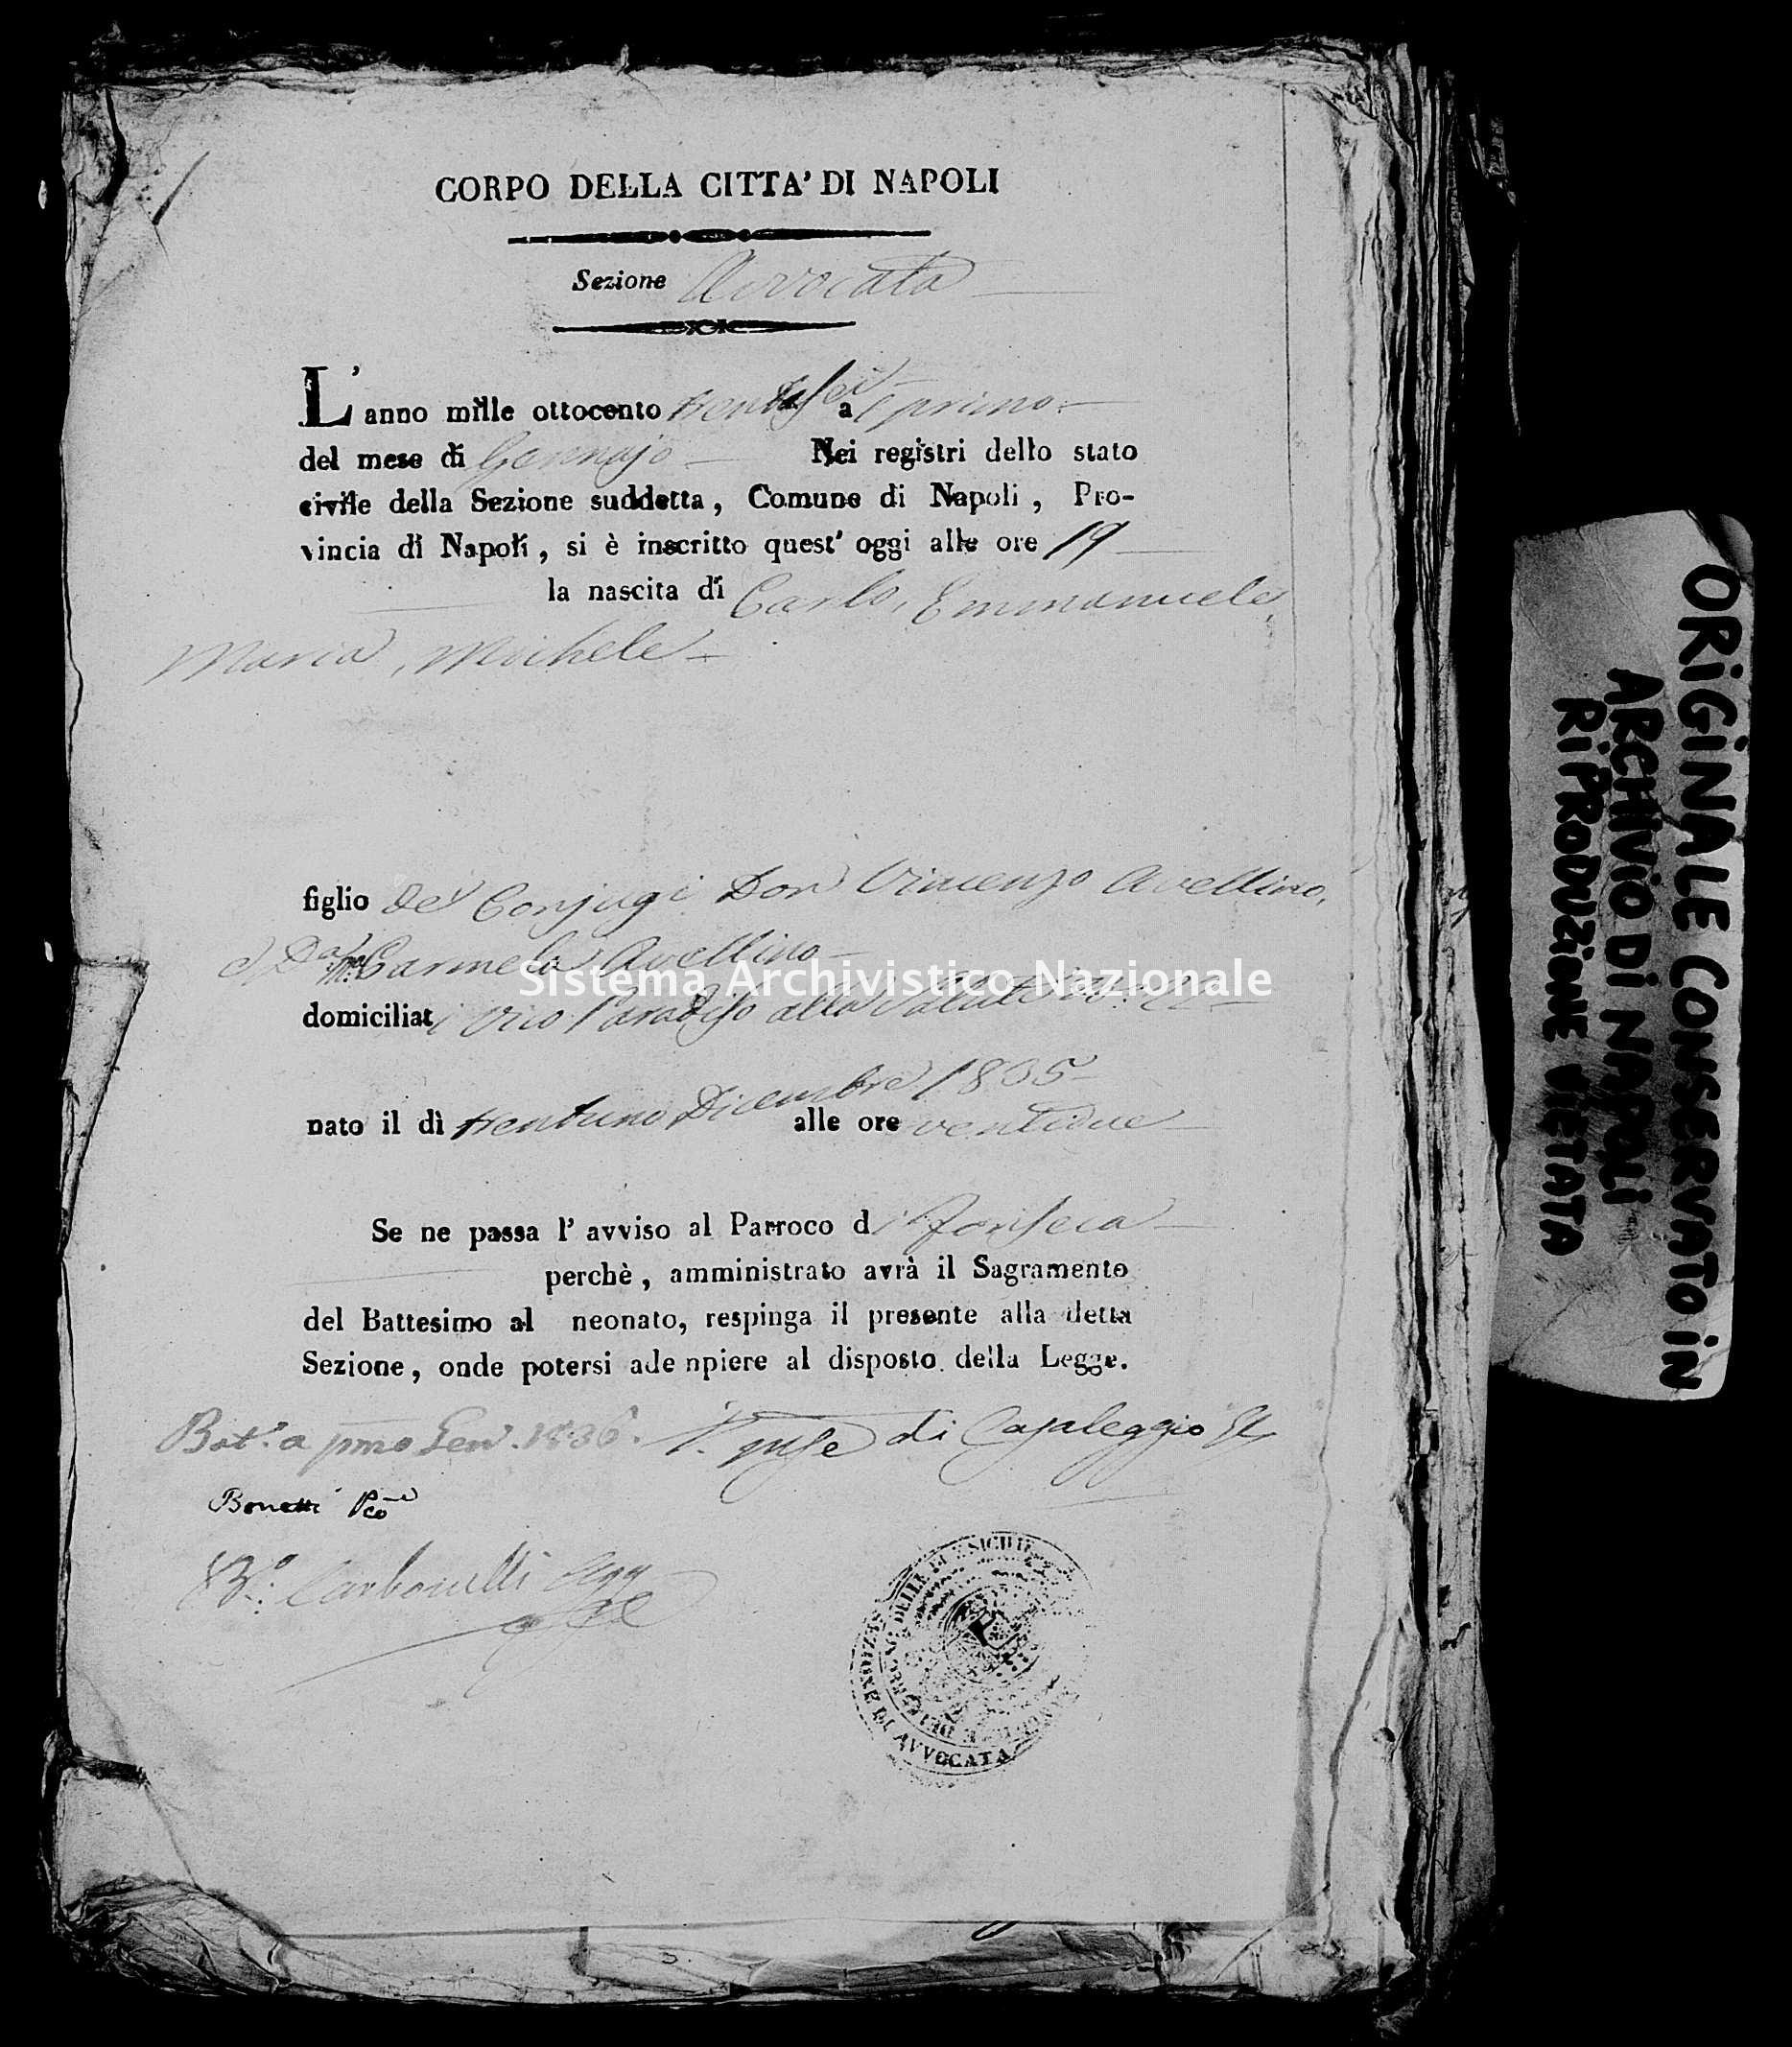 Archivio di stato di Napoli - Stato civile della restaurazione - Avvocata - Nati, battesimi - 01/01/1836-03/10/1836 -